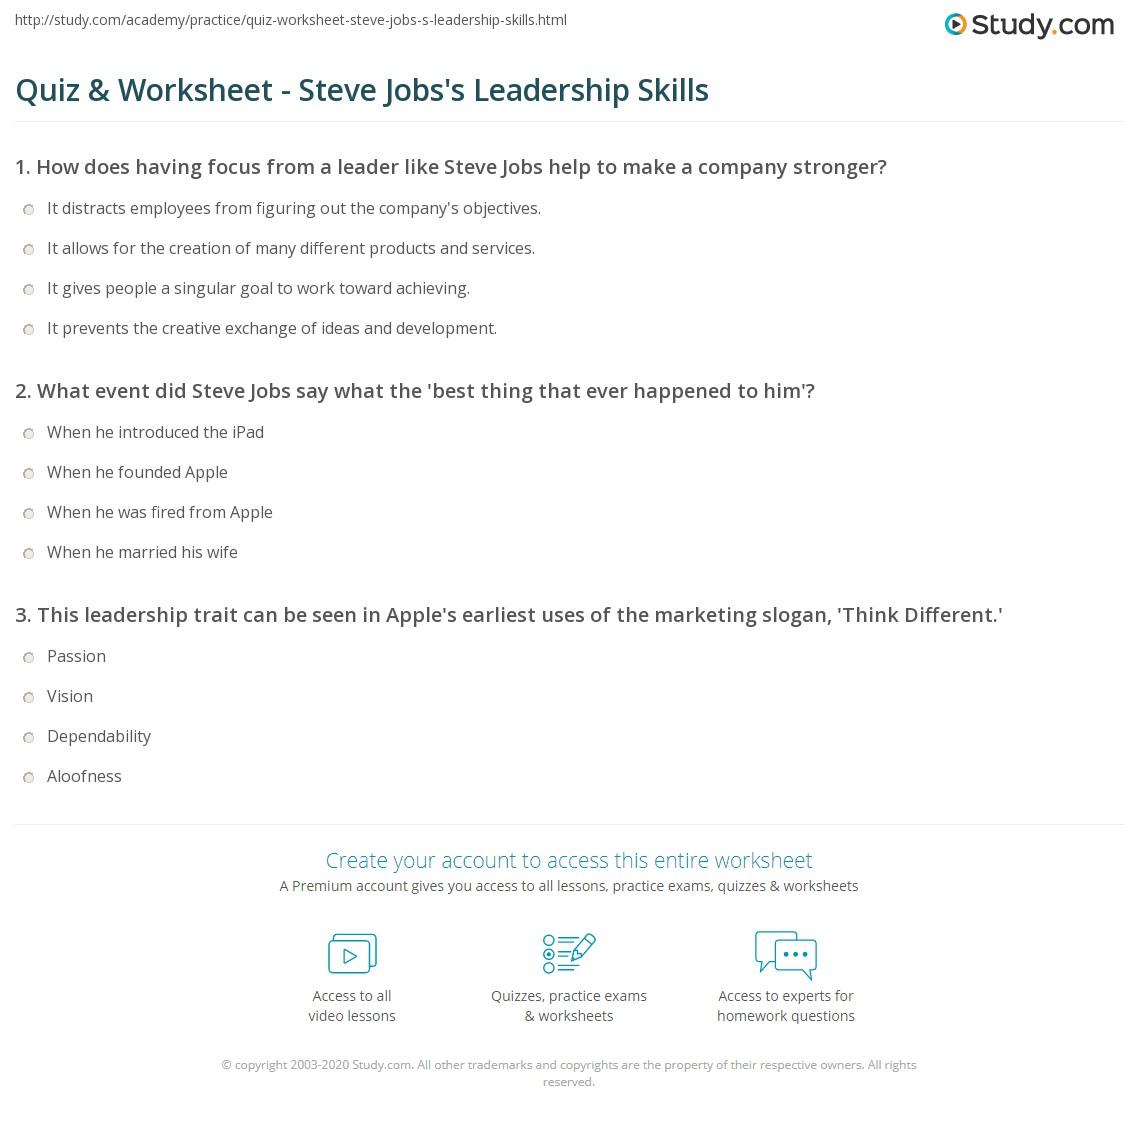 qualities of steve jobs as a leader